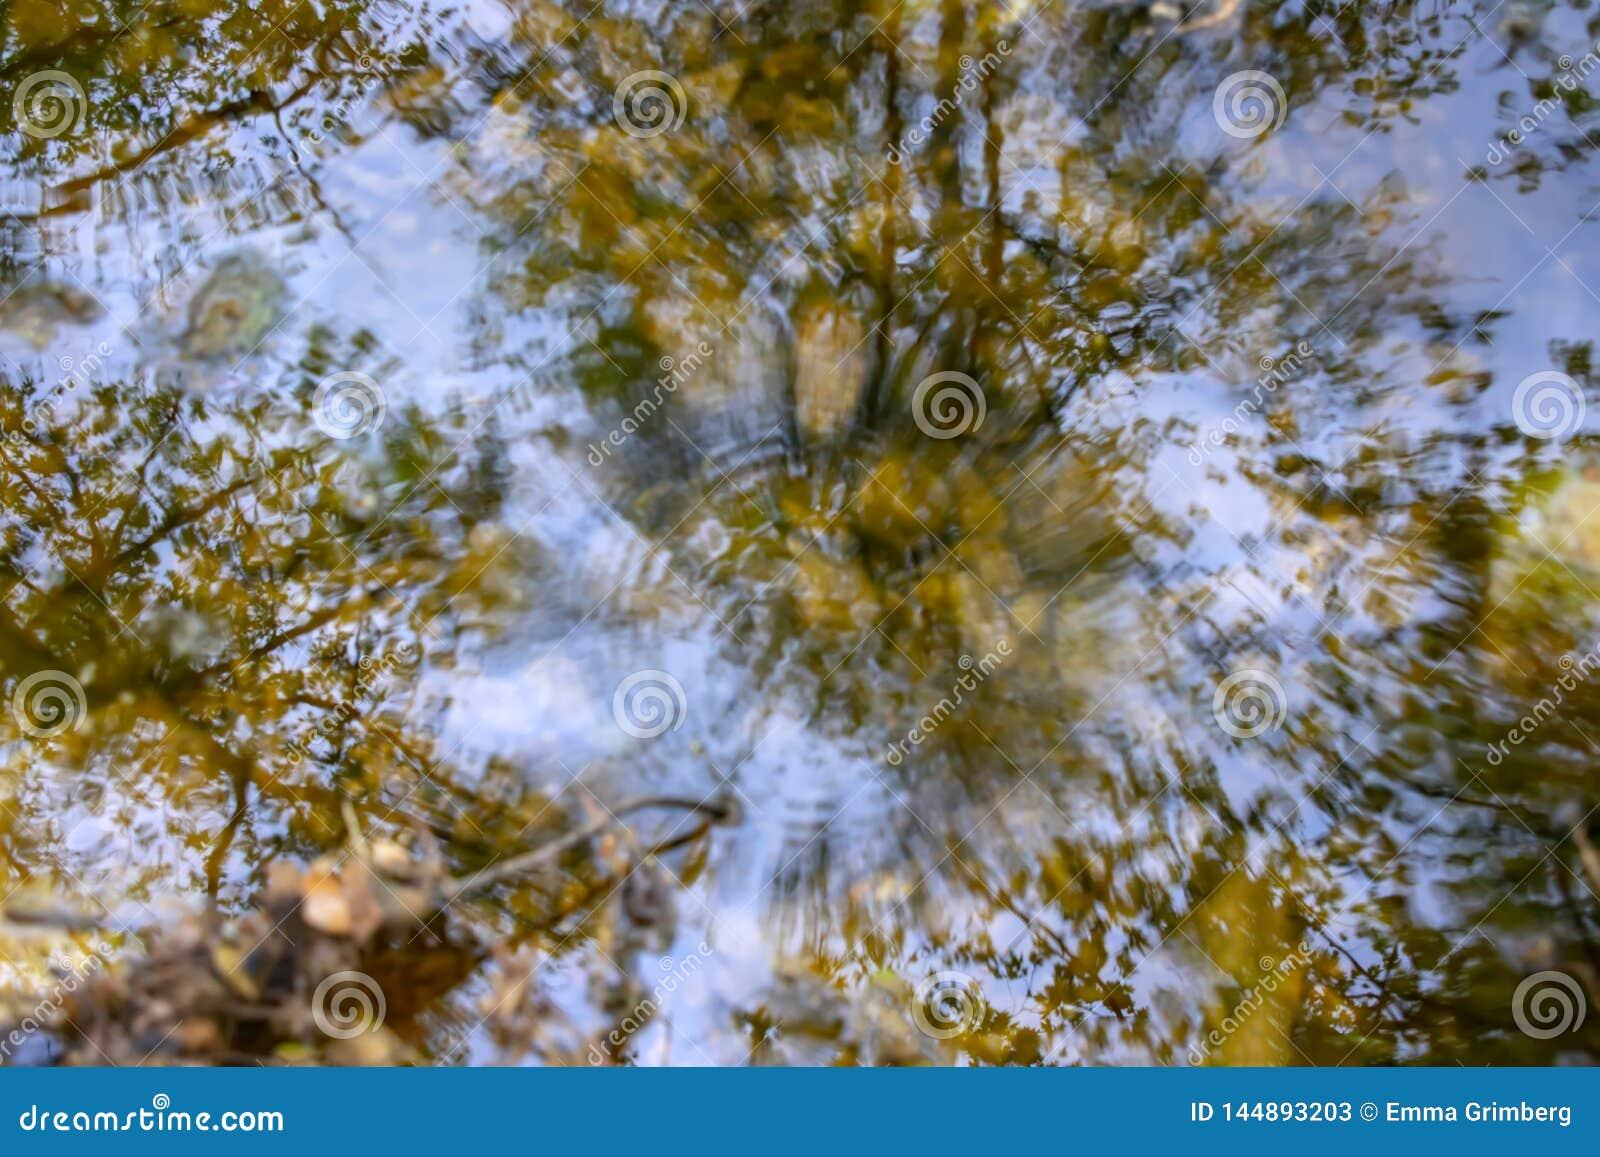 R?flexion des arbres dans l eau d un courant avec les cercles sph?riques des gouttes de pluie en baisse